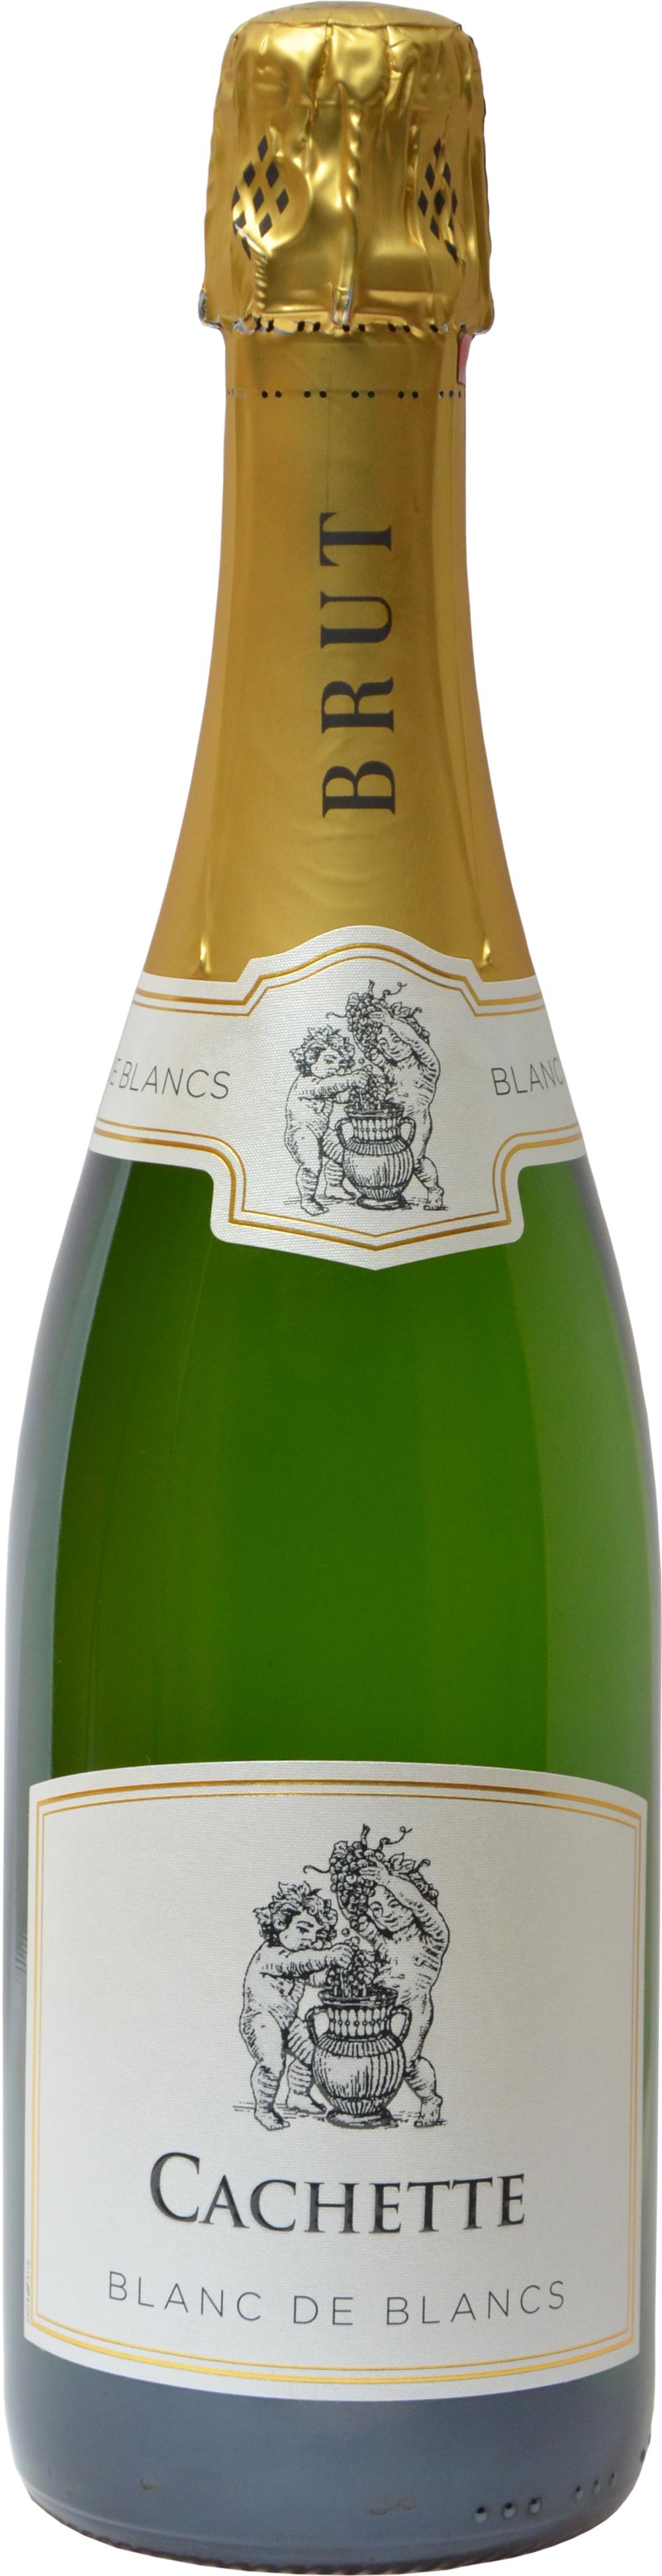 cachette_blanc_de_blanc_brut_bottle.jpg